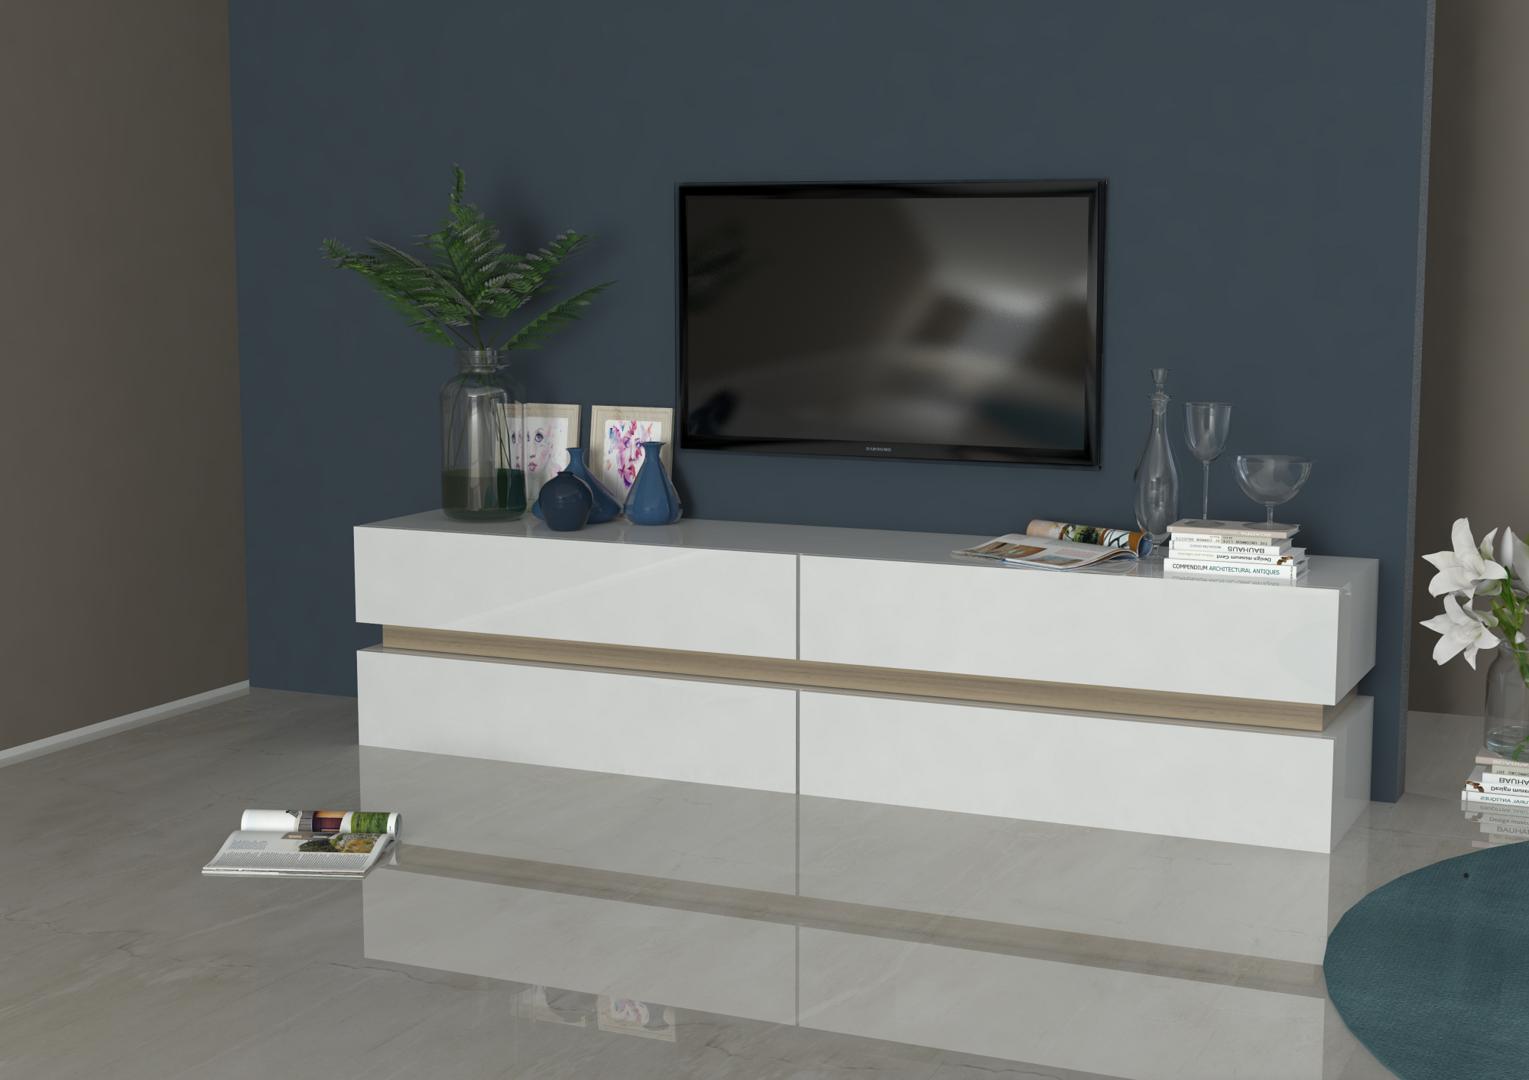 Porta tv capiente Grecia, mobile per soggiorno bianco o antracite